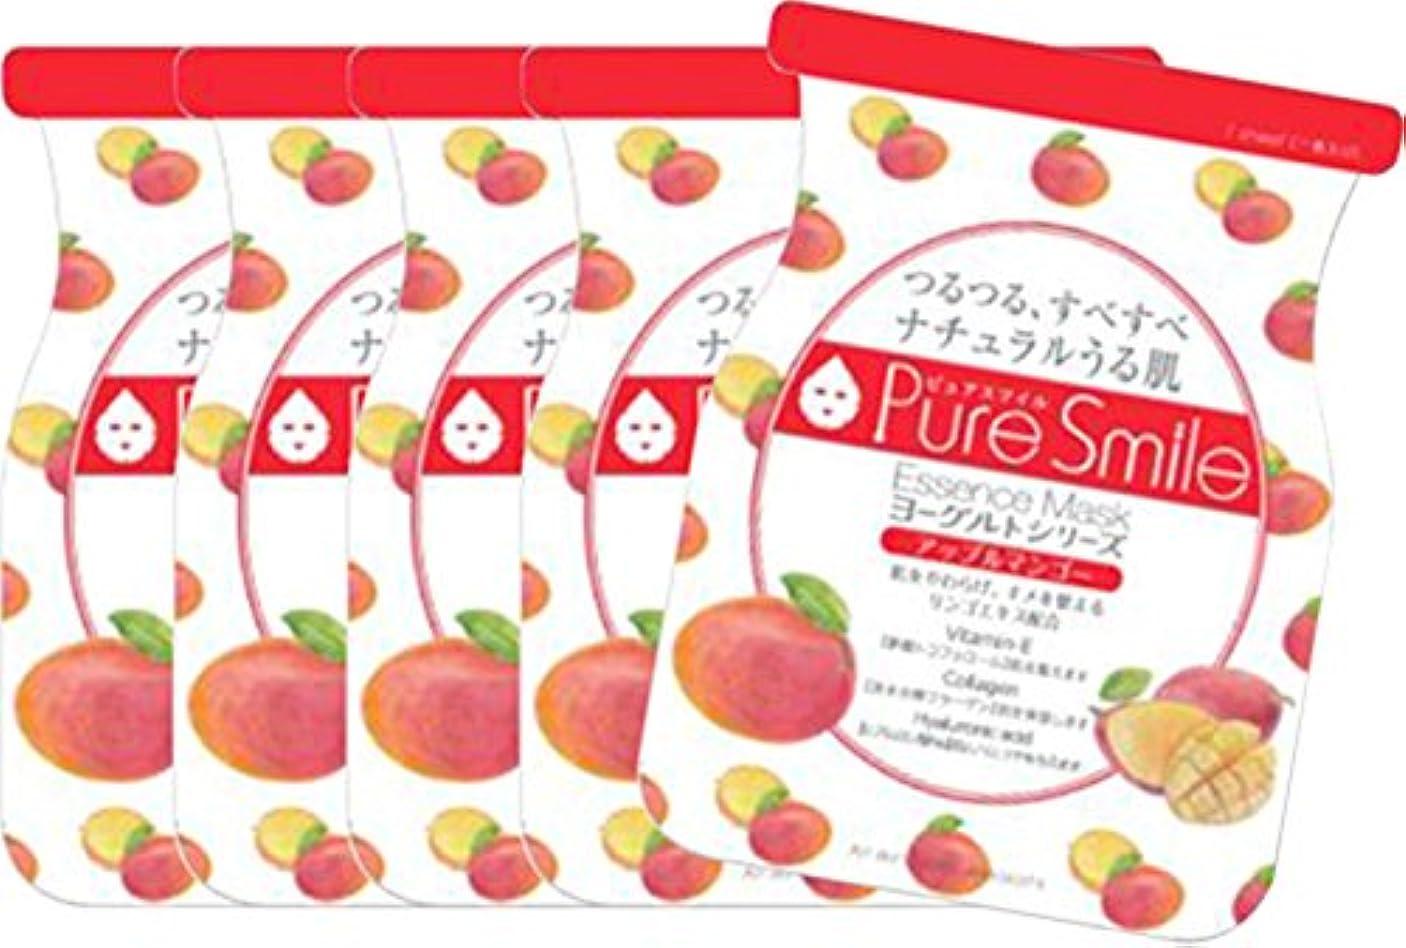 植生マーベル微妙ピュアスマイル エッセンスマスク ヨーグルトシリーズ アップルマンゴー 5枚セット